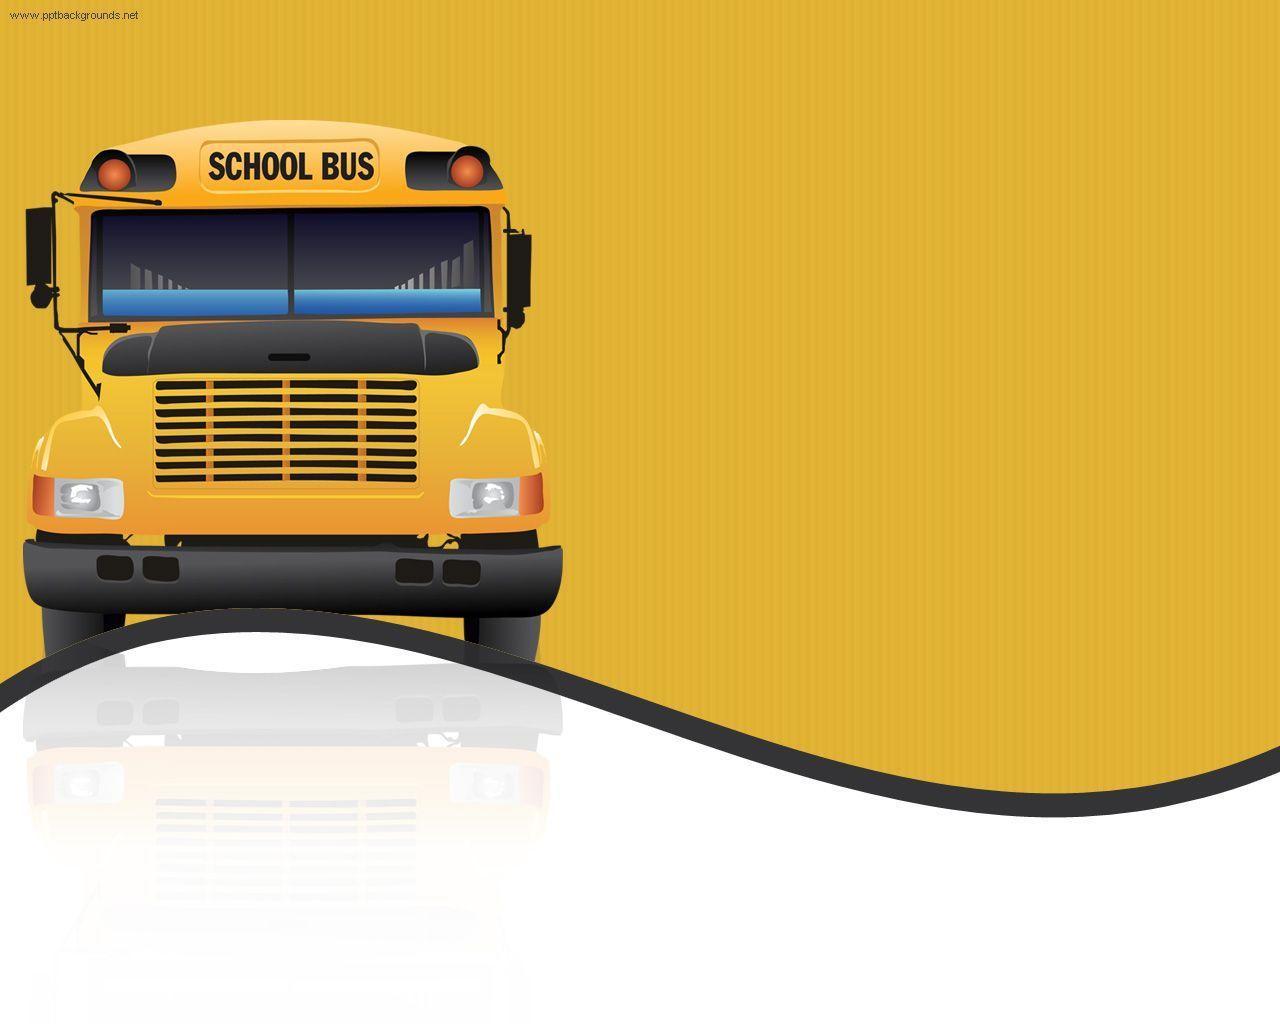 School Bus Wallpapers 1280x1024